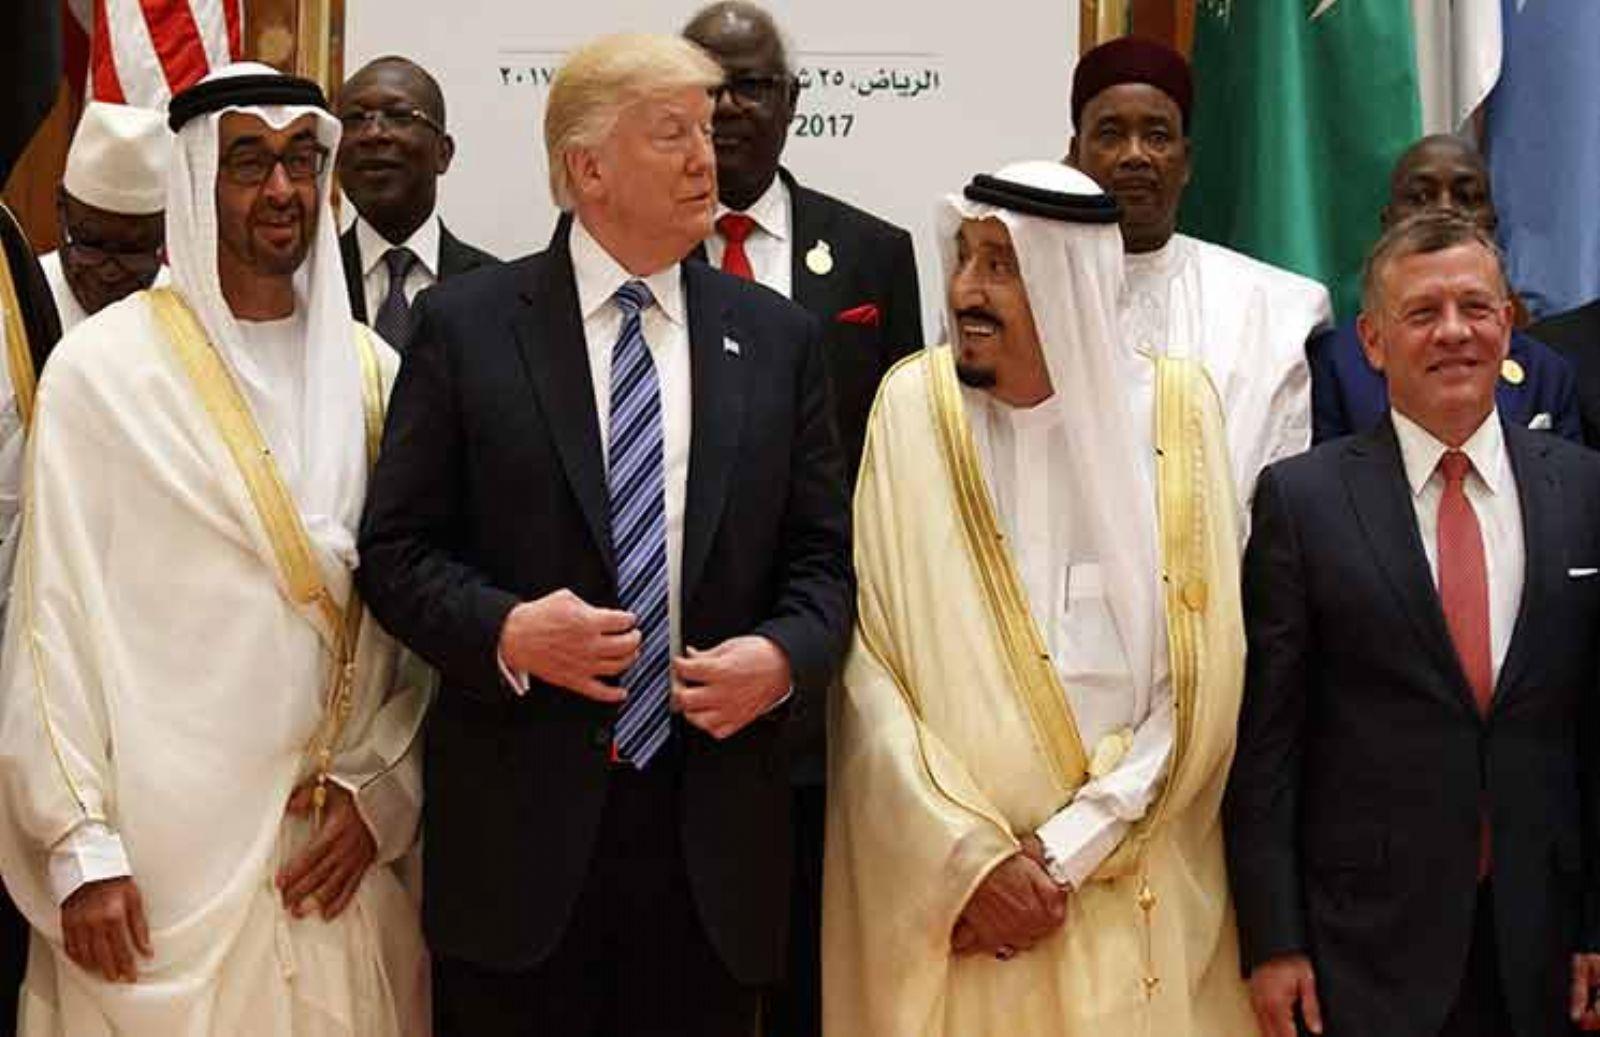 نيويورك تايمز: السعودية تستغيث بترامب بعد انسحاب الإمارات من اليمن